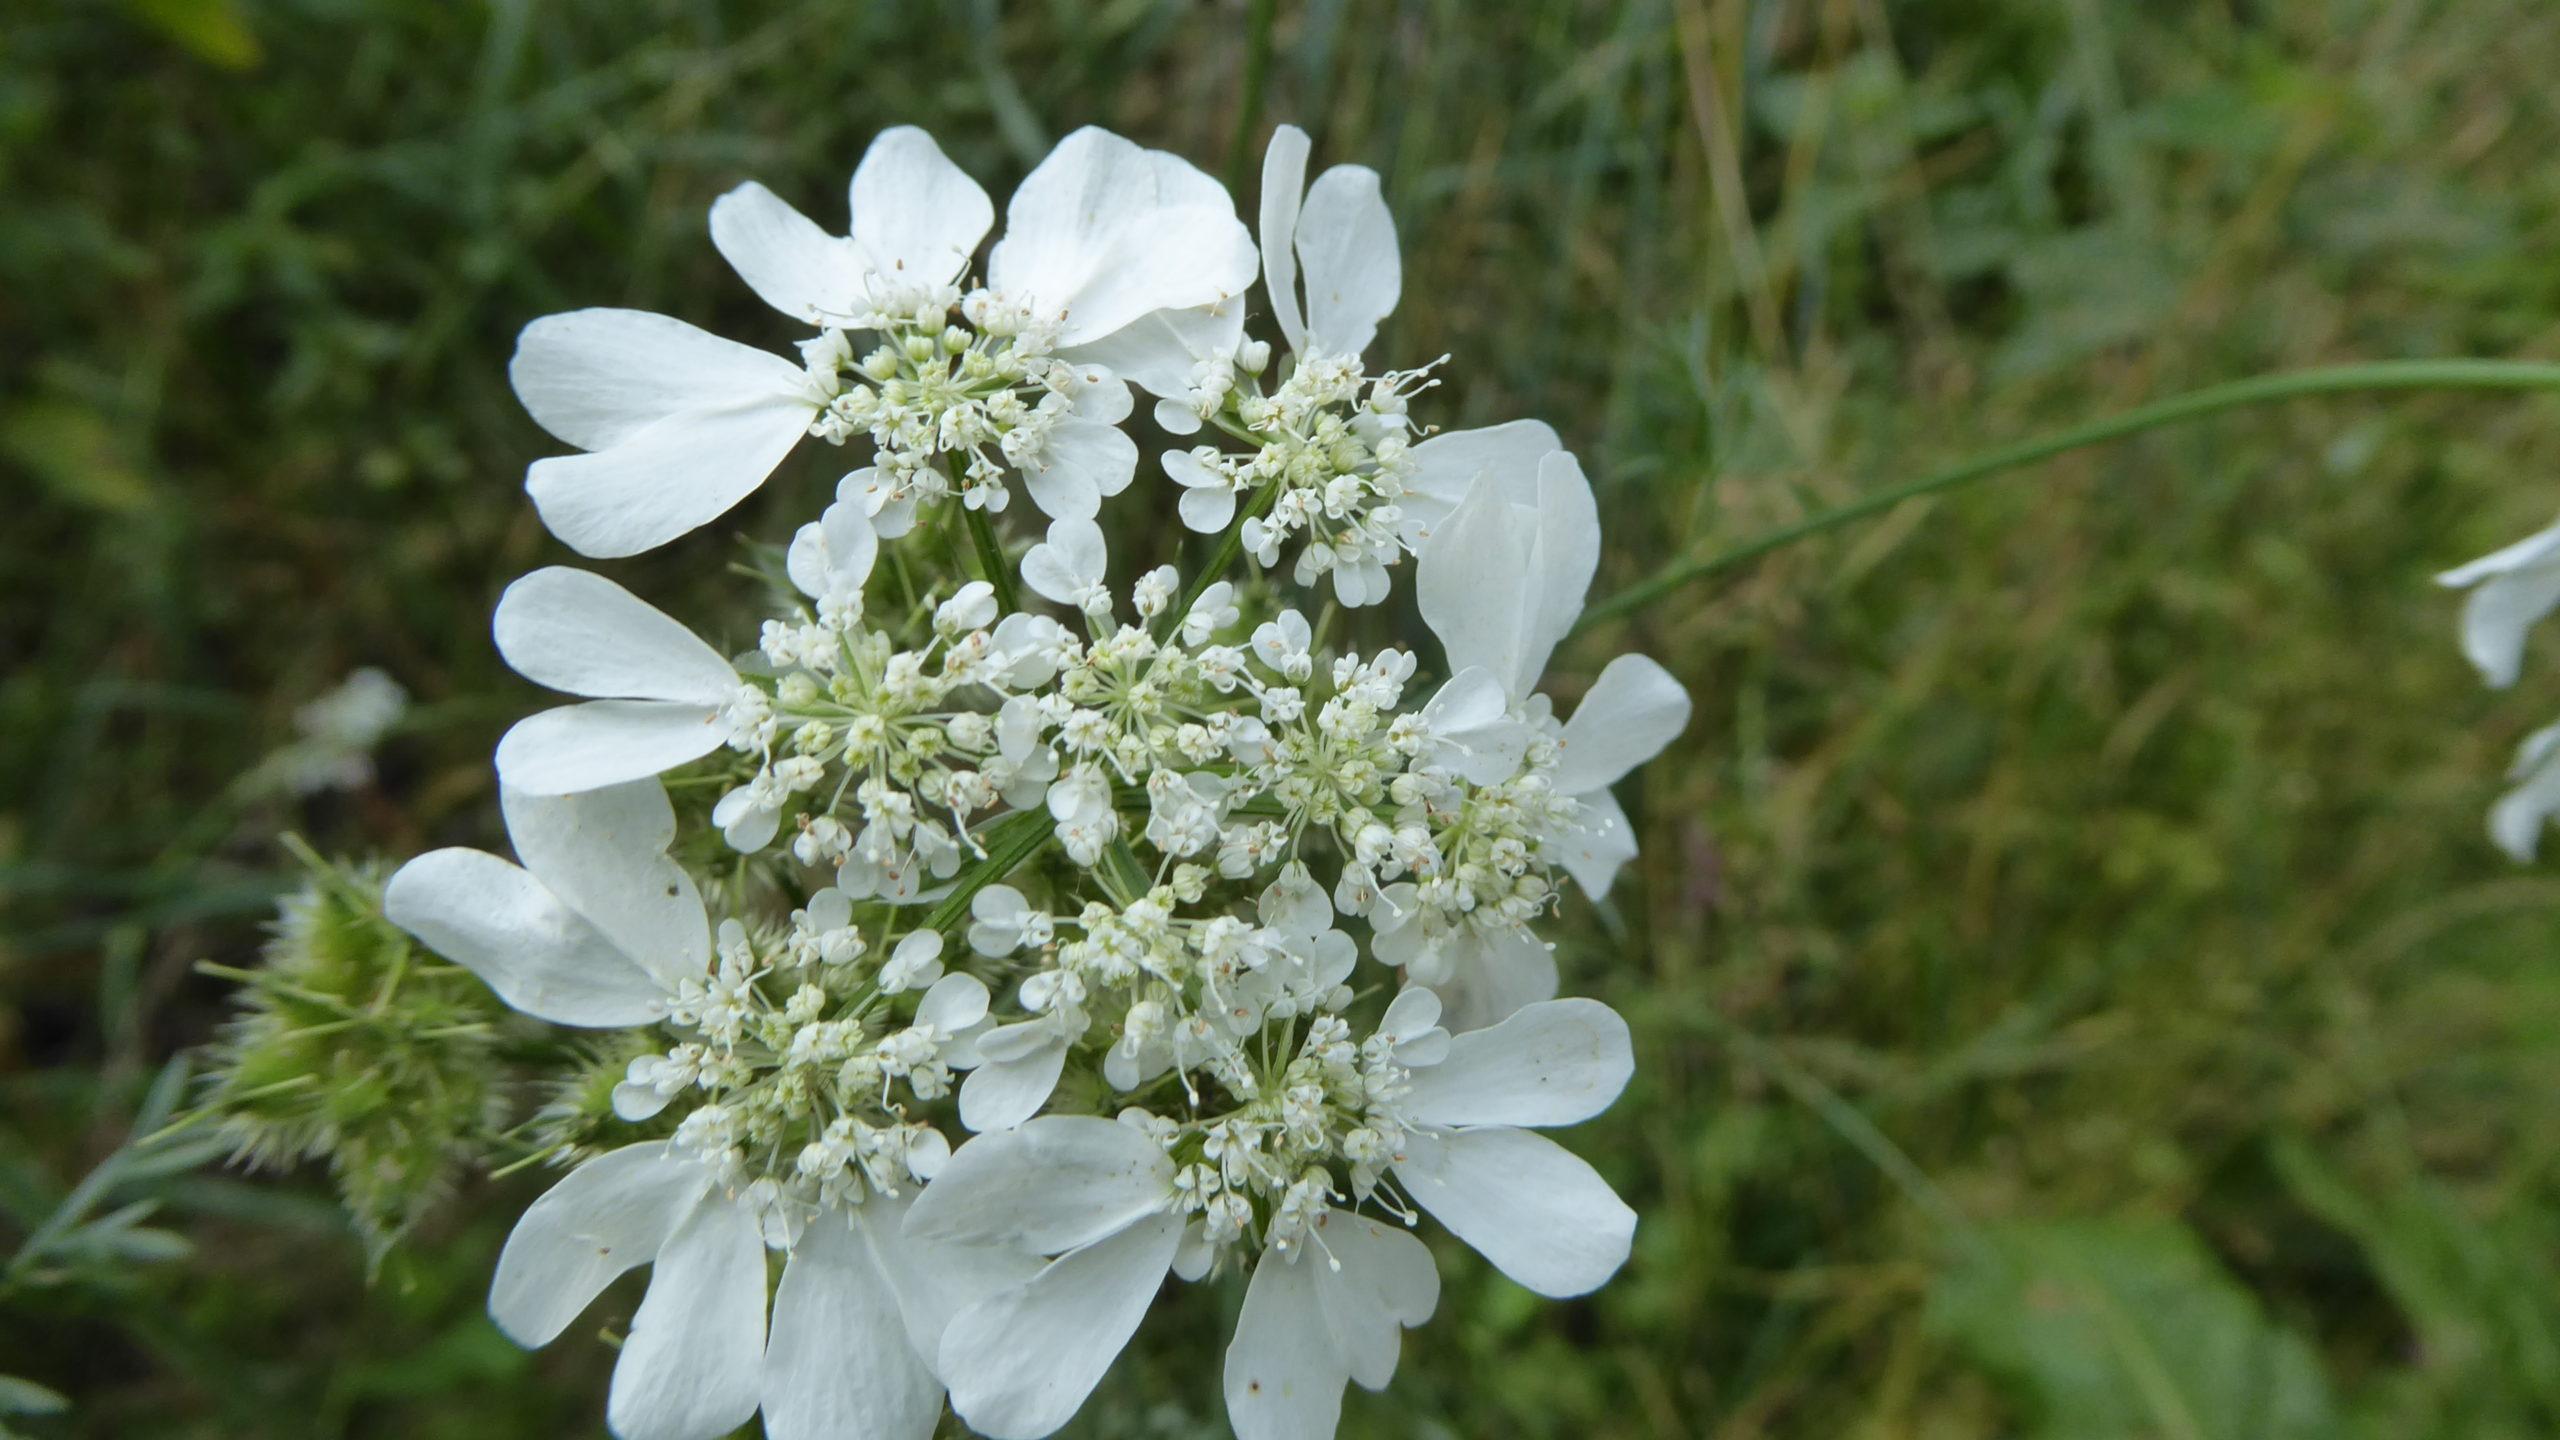 Orlaya-grandiflora-Exkursion-Tiergarten-2020-Guido-Warthemann-P1020739-scaled